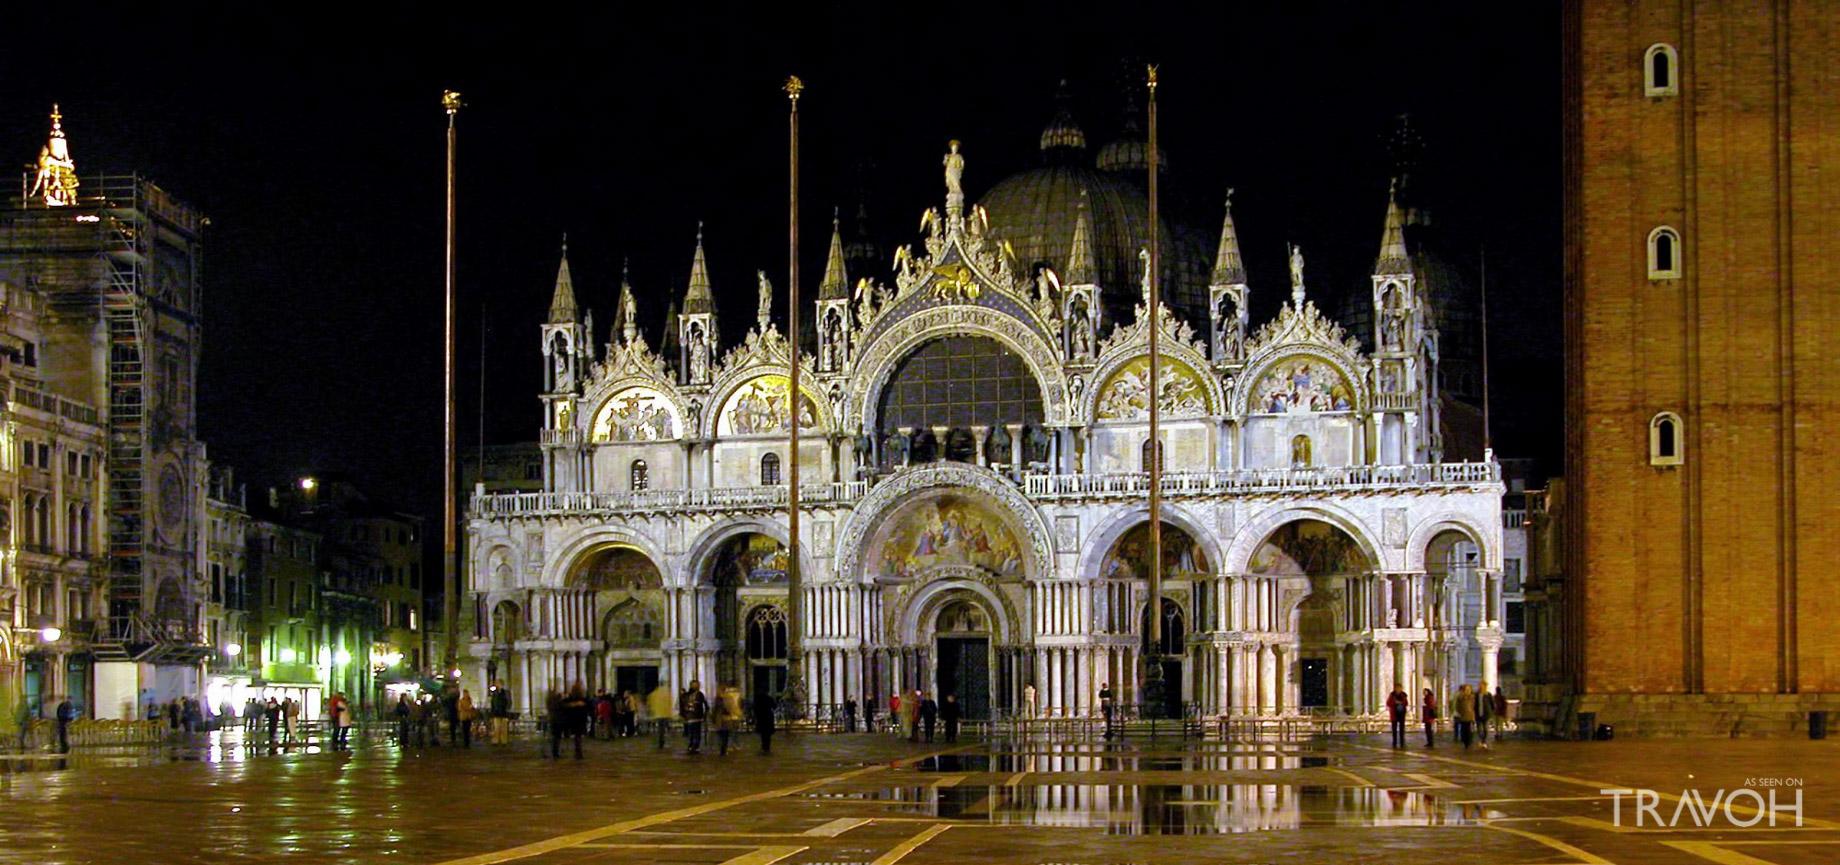 Midnight Mass at Saint Mark's Basilica - Venice, Italy